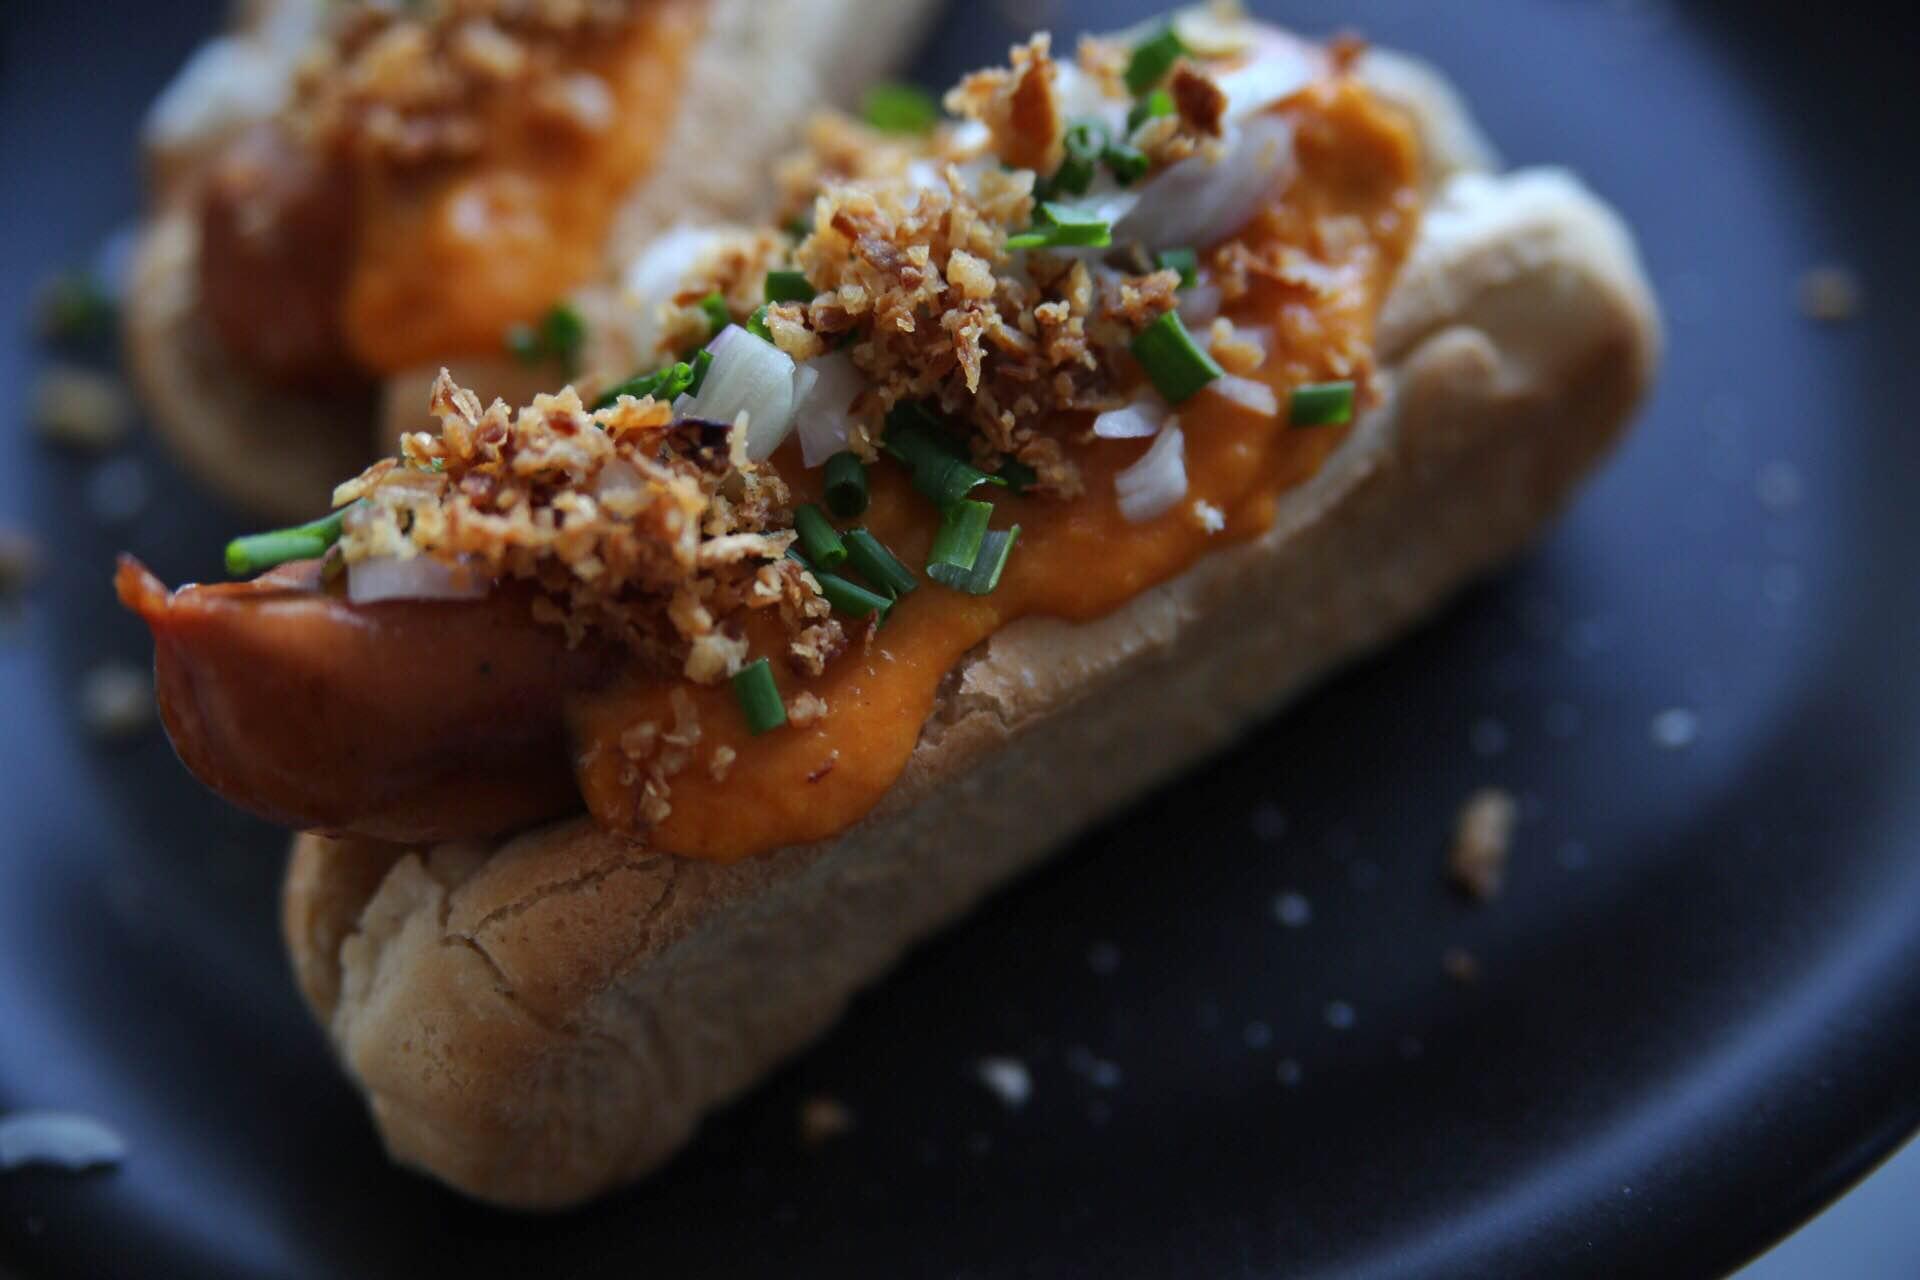 gourmet hotdogs med hjemmelavet karryketchup